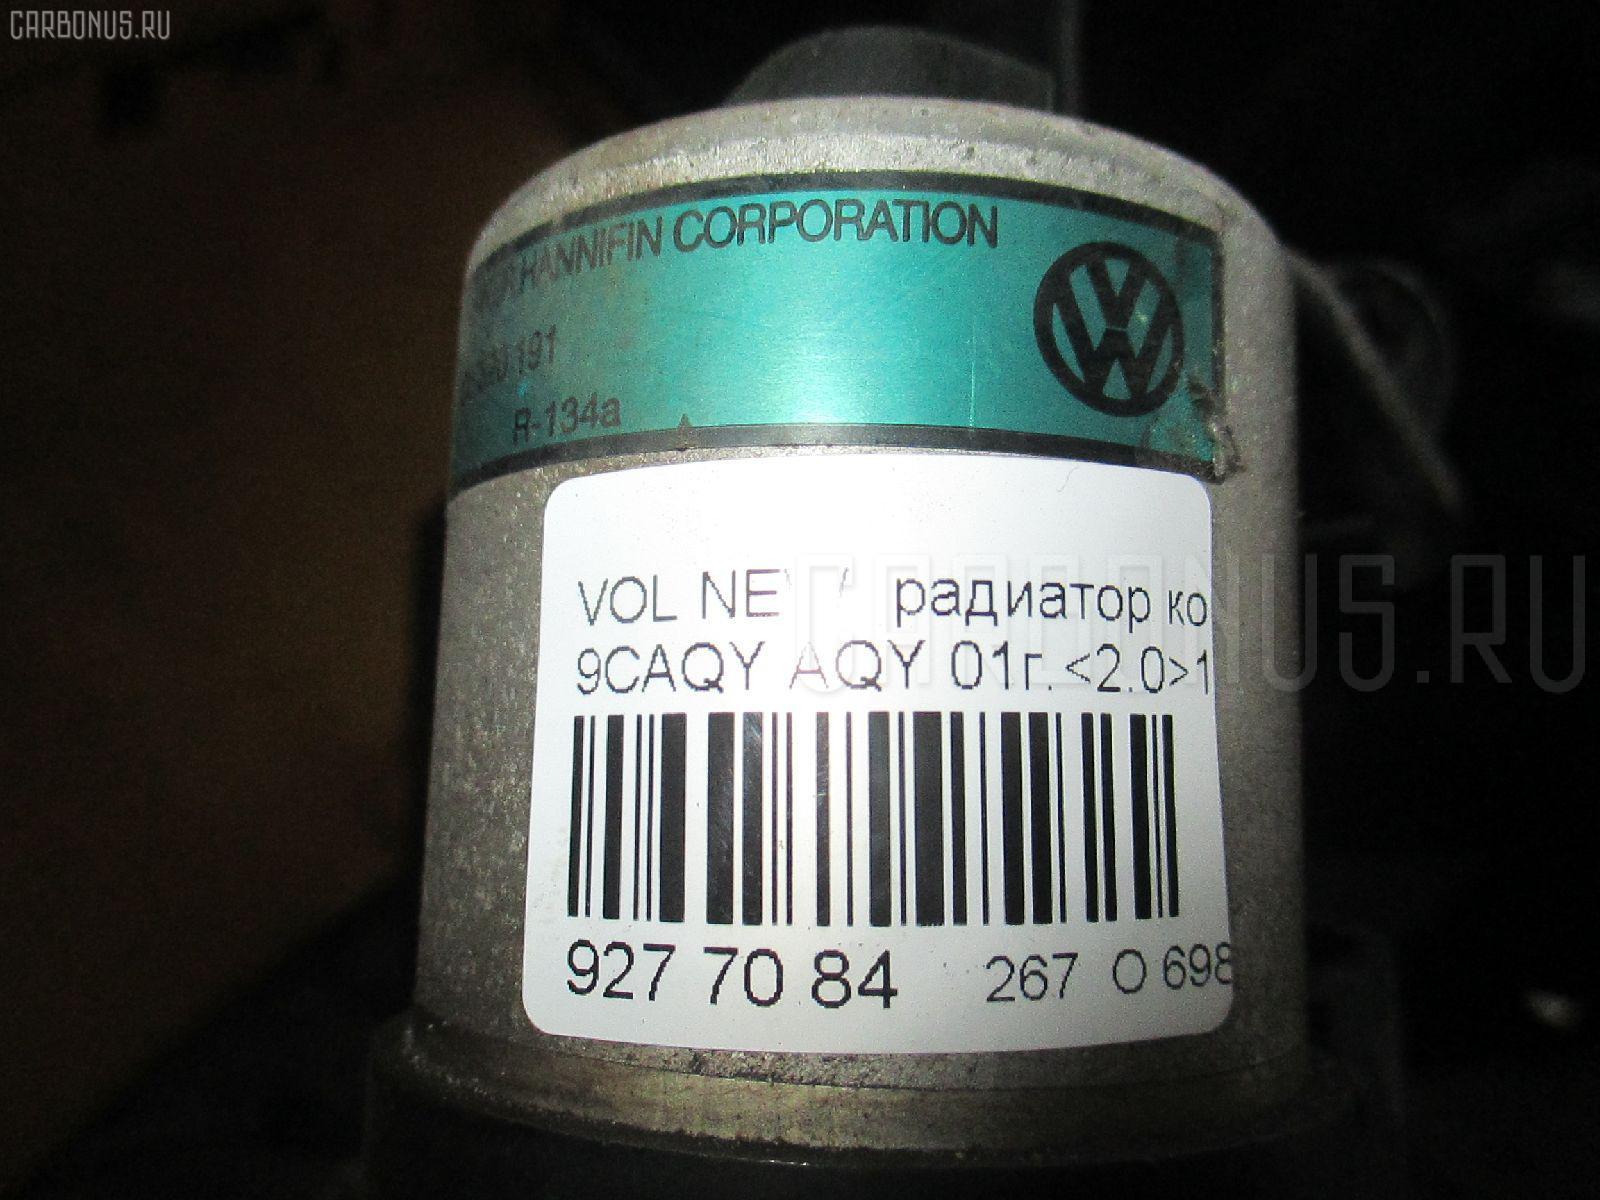 Радиатор кондиционера VOLKSWAGEN NEW BEETLE 9CAQY AQY Фото 3